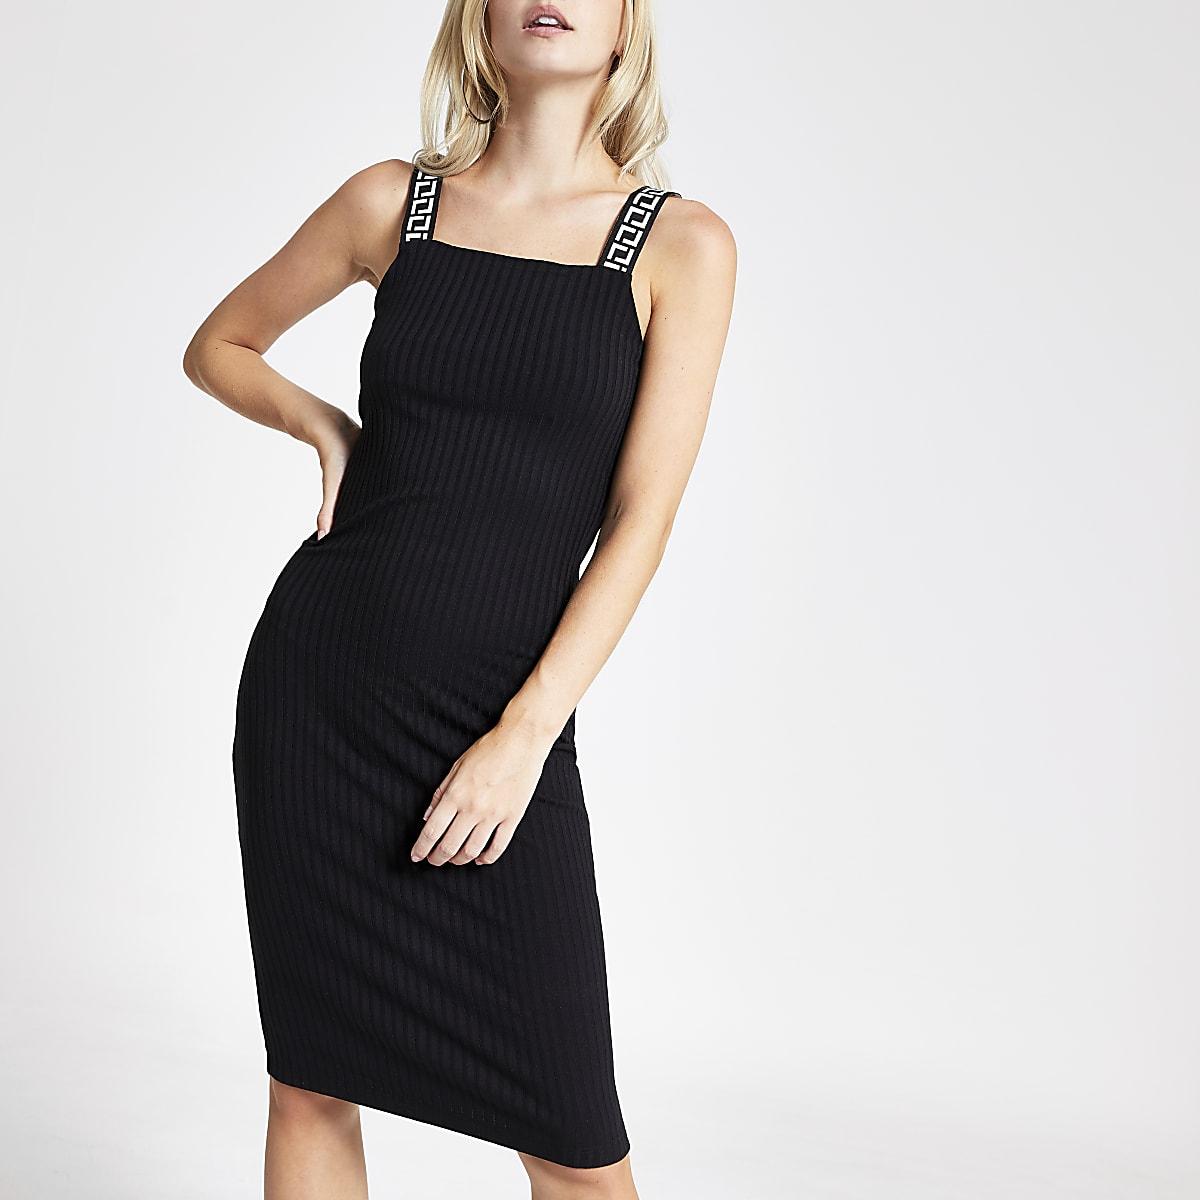 Petite black ribbed midi dress